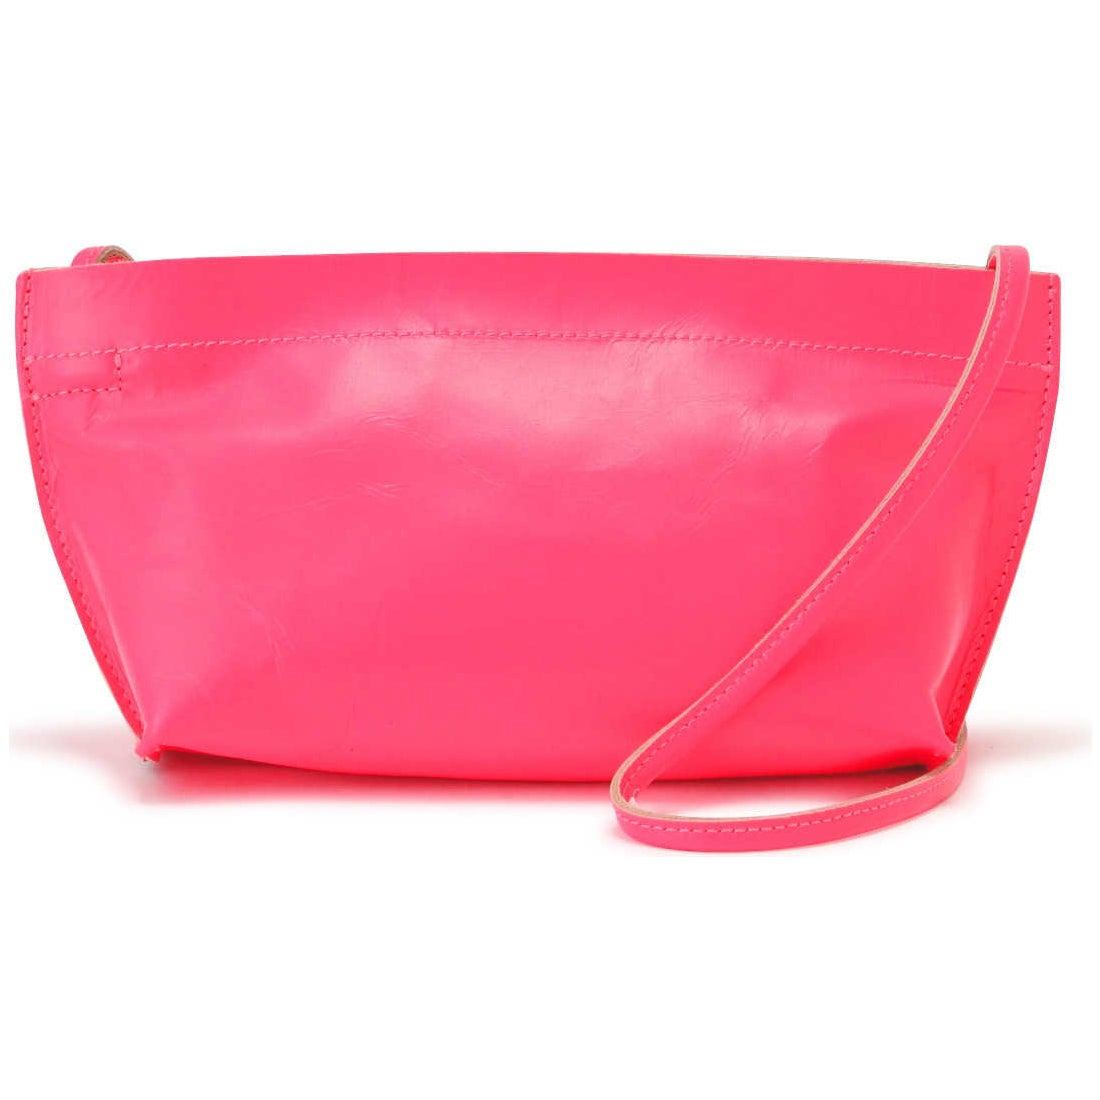 レザーショルダーバッグ ピンク